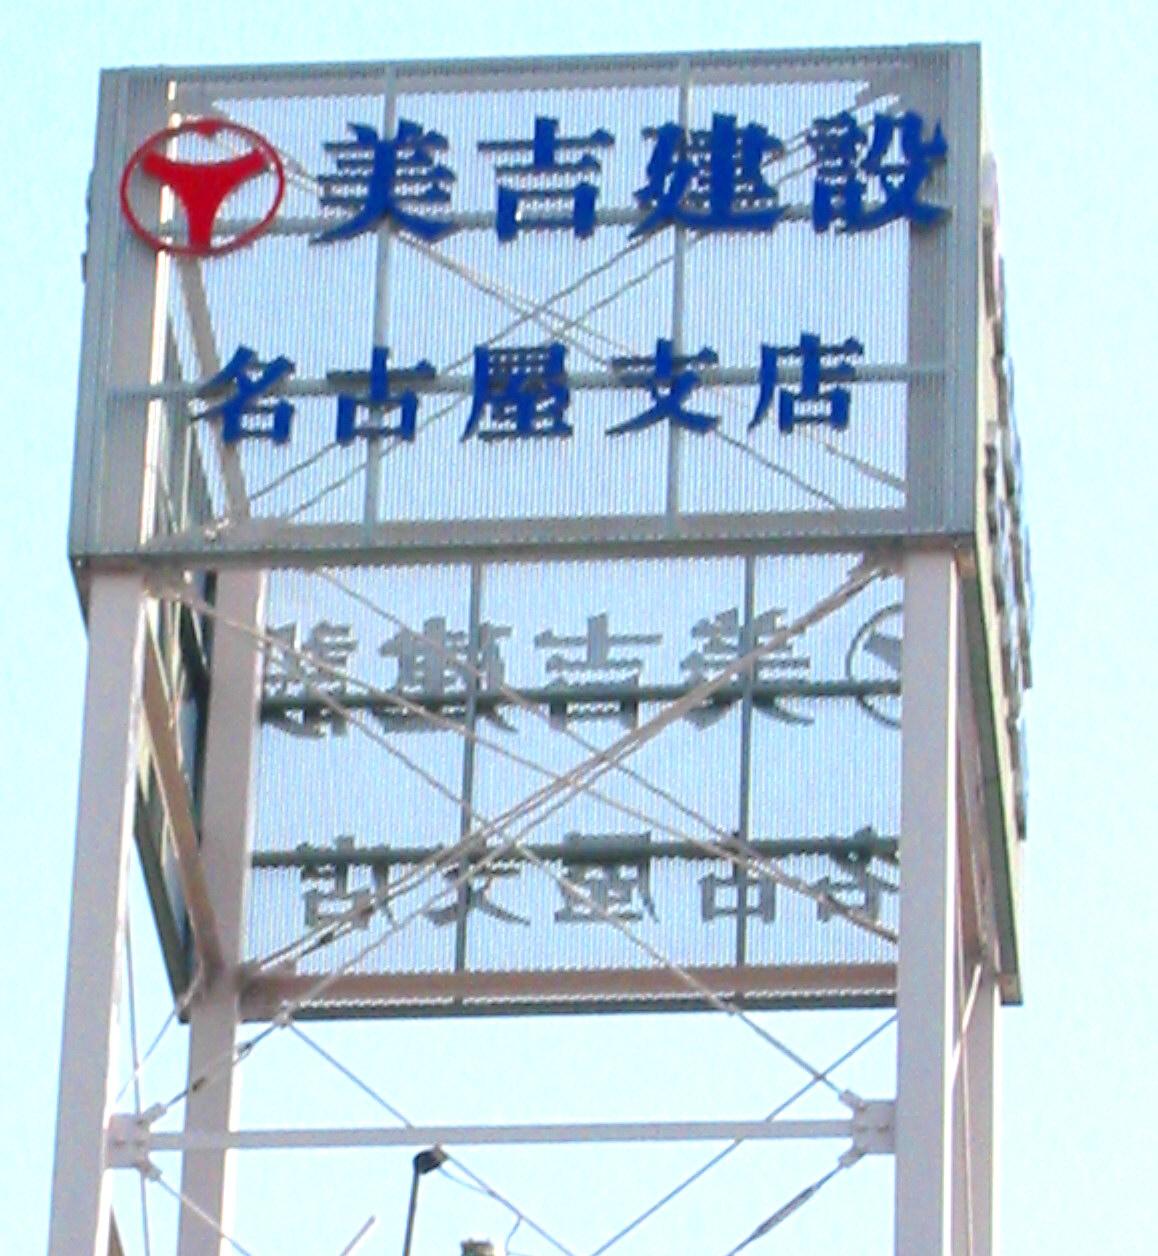 文字が浮いているように見える屋上看板 愛知県名古屋市